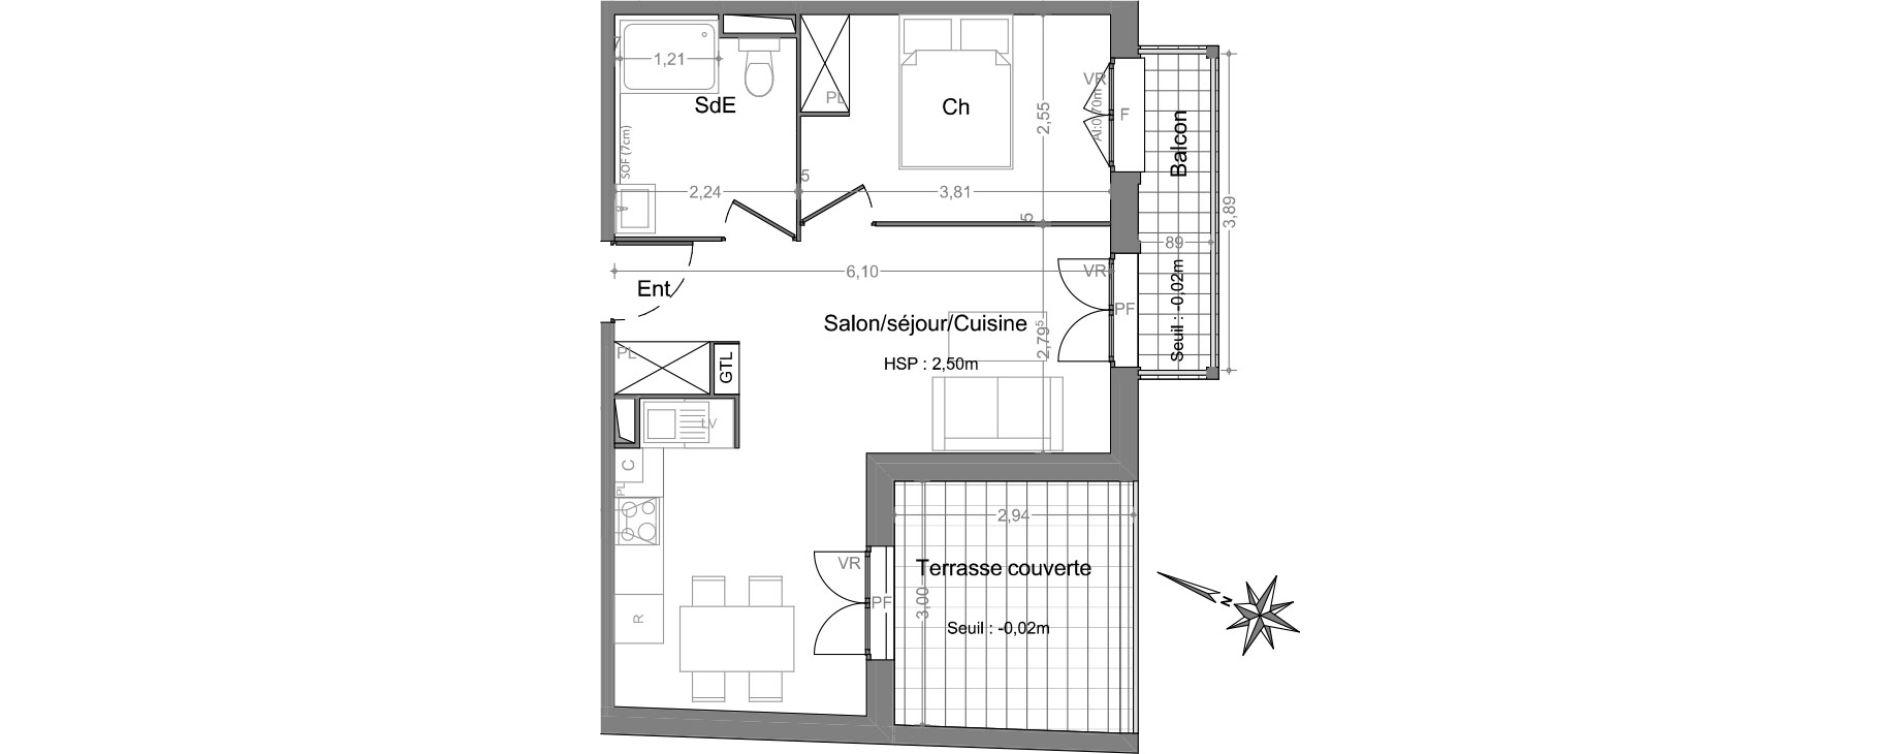 Appartement T2 de 41,49 m2 à Andernos-Les-Bains Centre